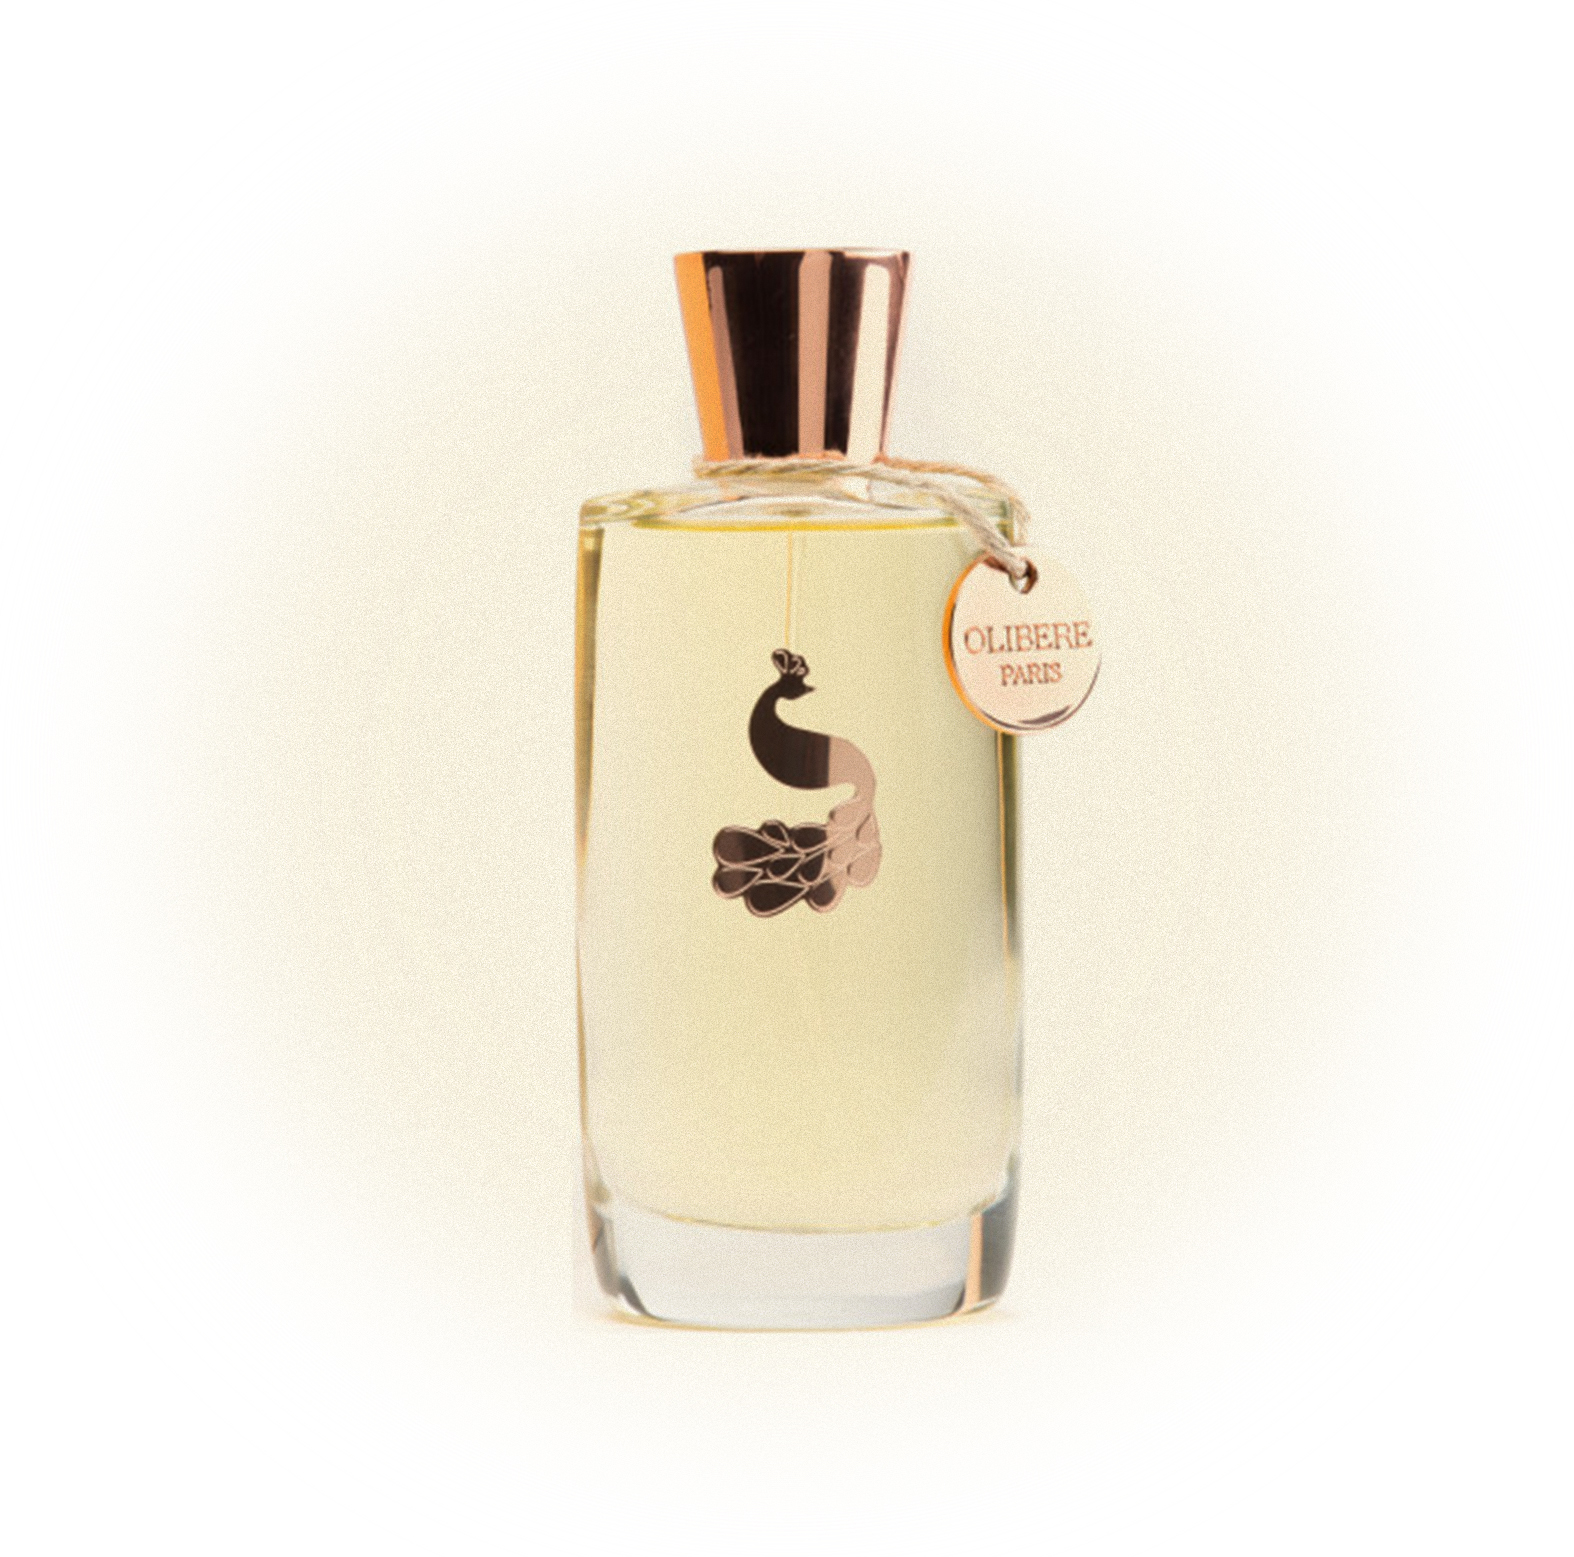 Savannah's Heart, Olibere Parfums